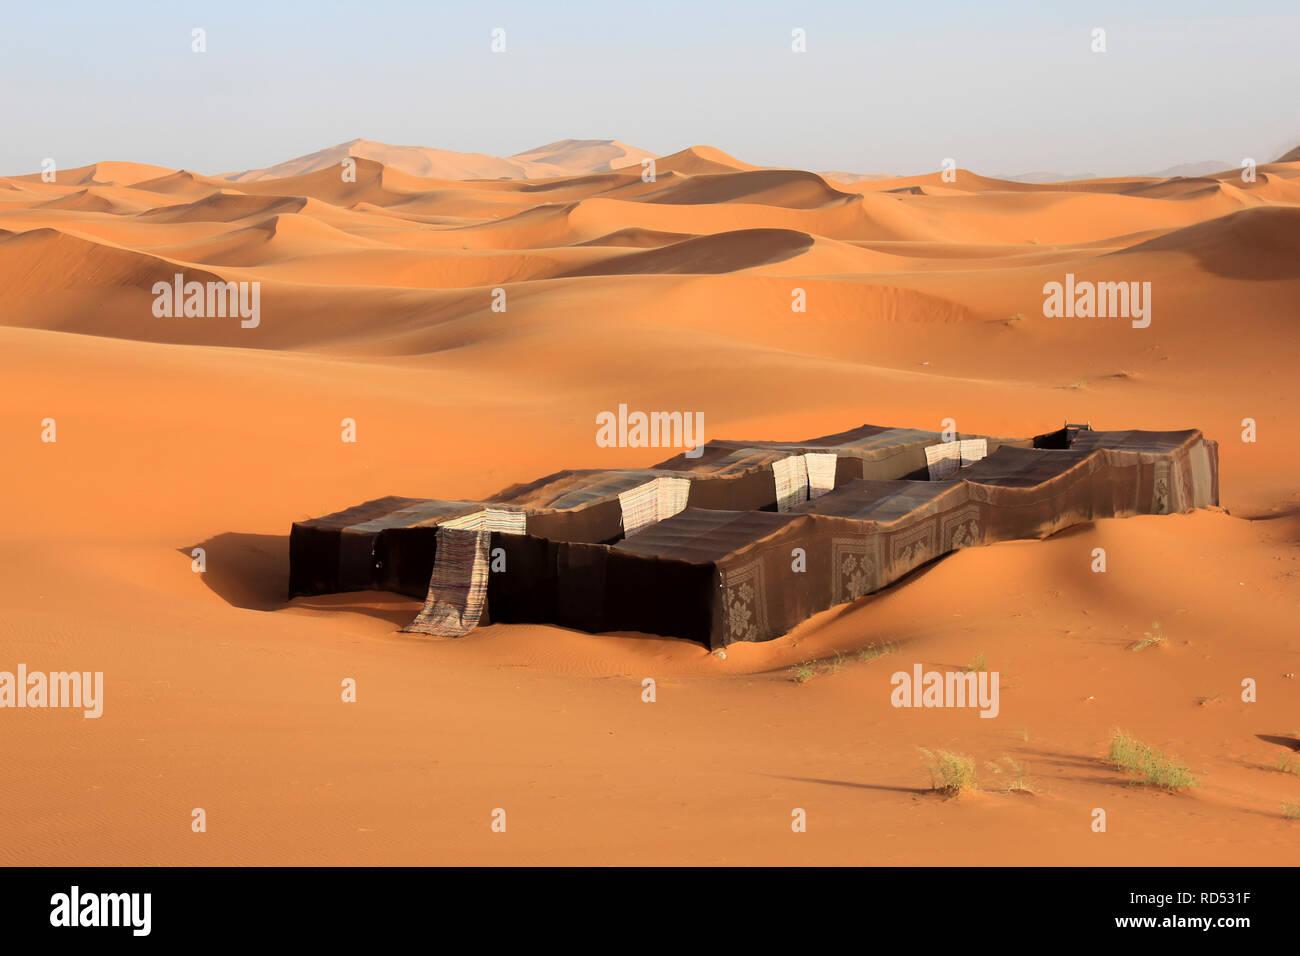 Bedouin Tent - Erg Chebbi, Morocco - Stock Image